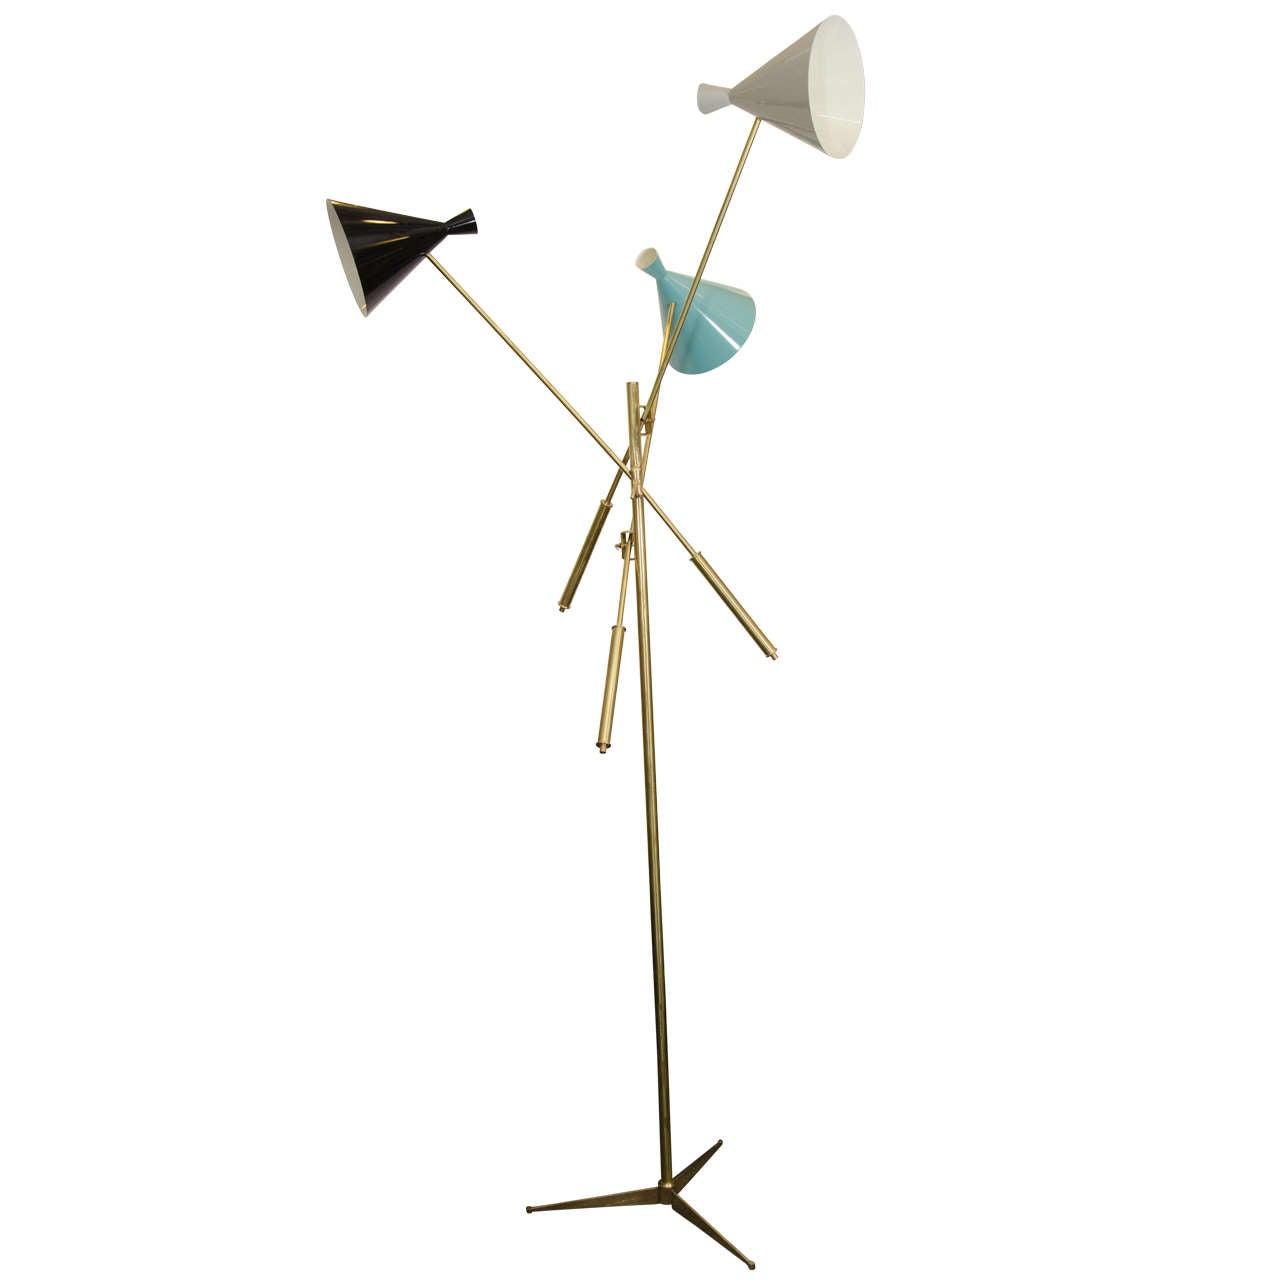 Midcentury italian arredoluce inspired floor lamp at 1stdibs for Arredo luce